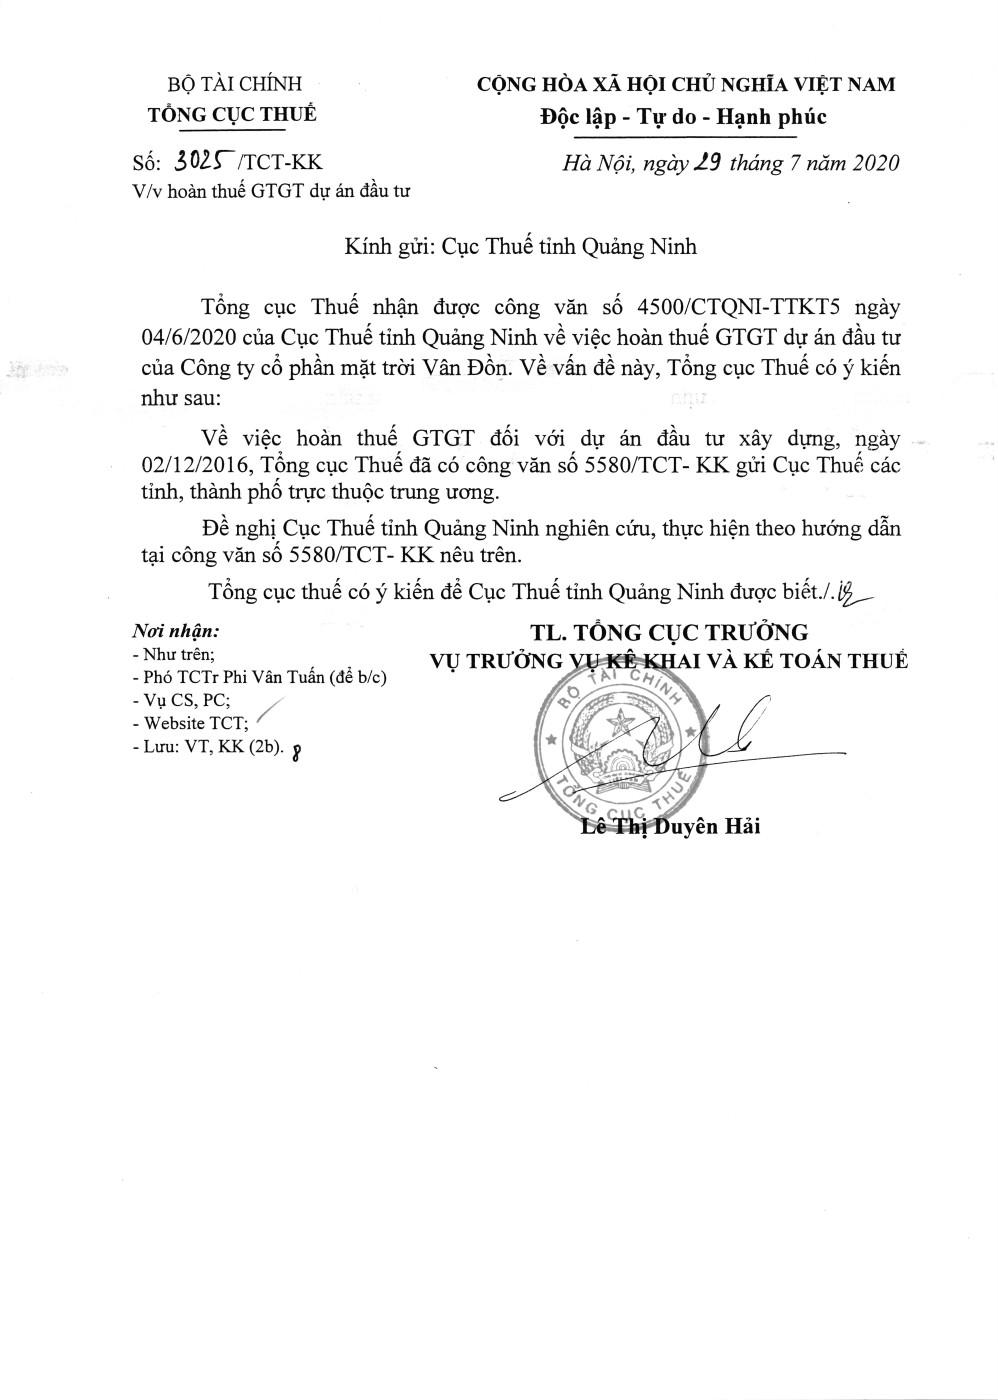 Công văn số 3025/TCT-KK của Tổng cục Thuế ngày 29/07/2020 v/v hoàn thuế GTGT dự án đầu tư